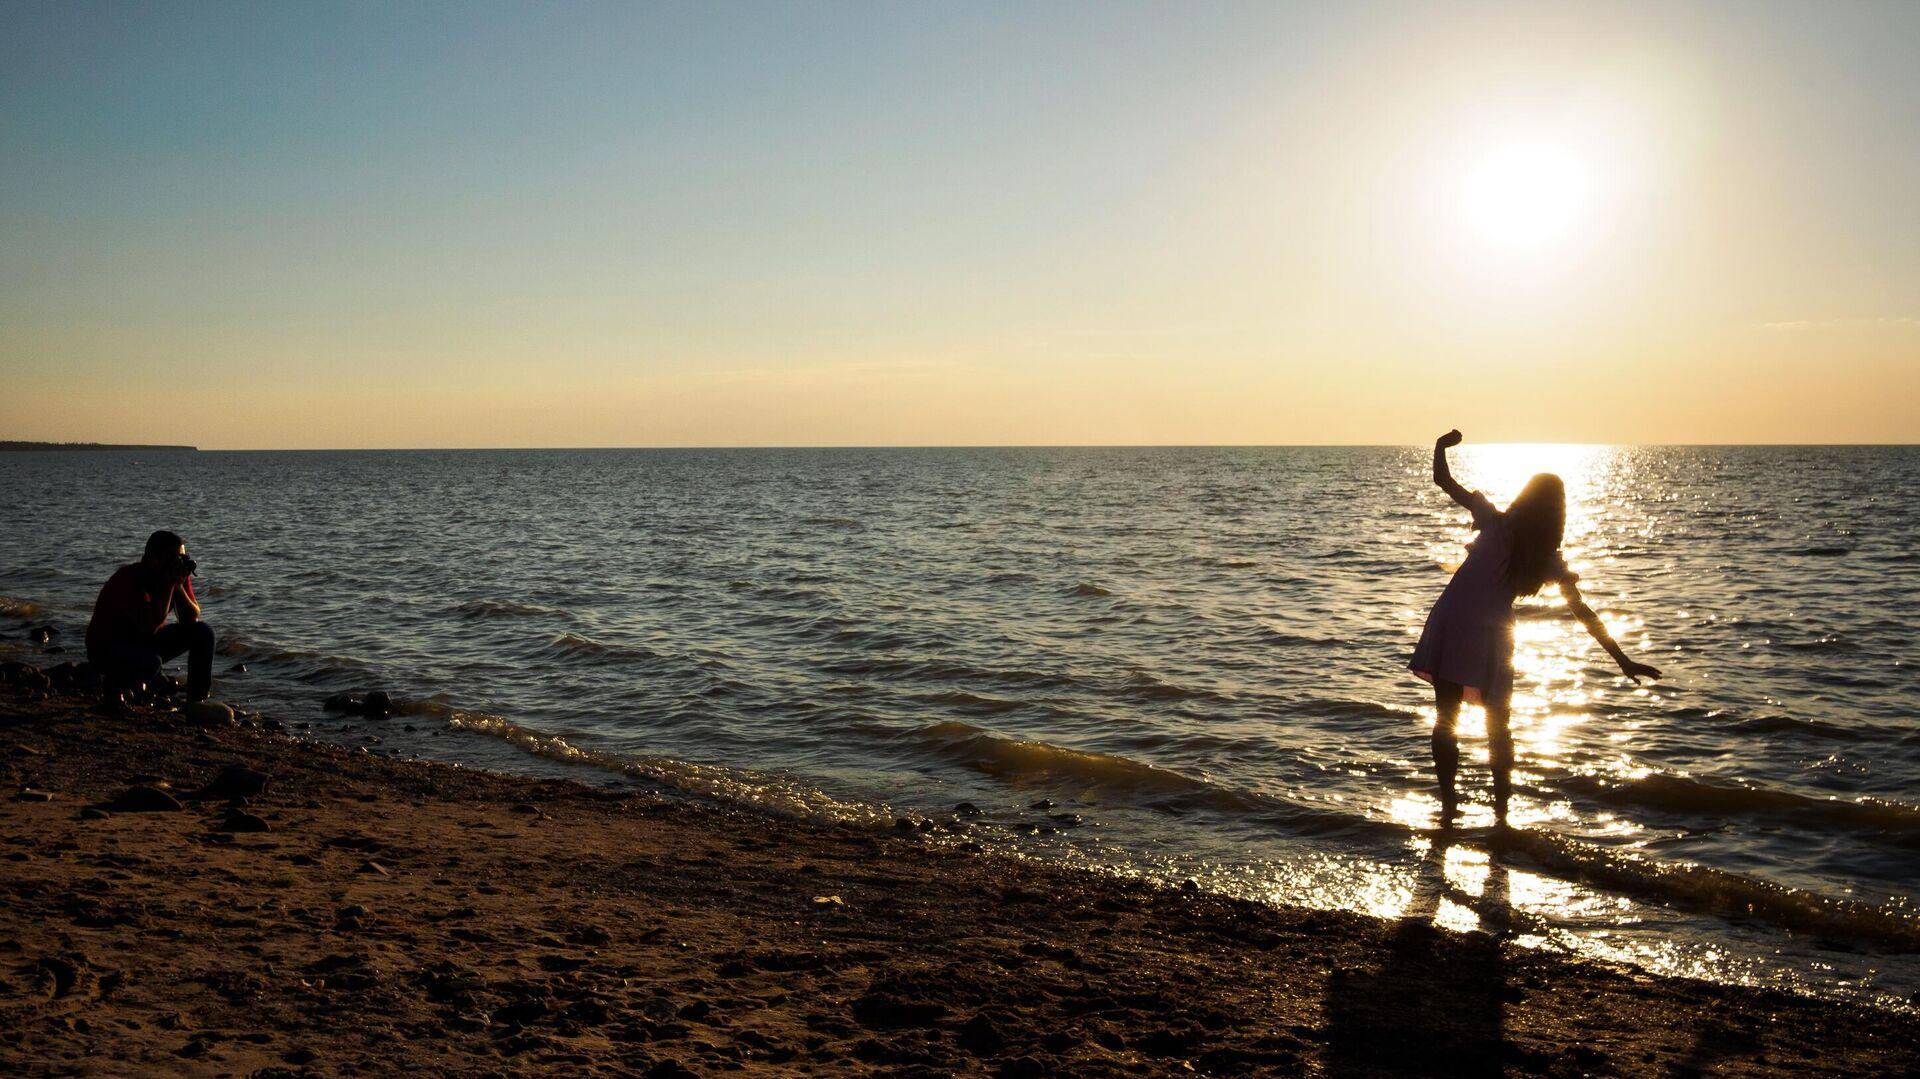 Отдыхающие на берегу Азовского моря в курортном городе Ейск - РИА Новости, 1920, 25.06.2021